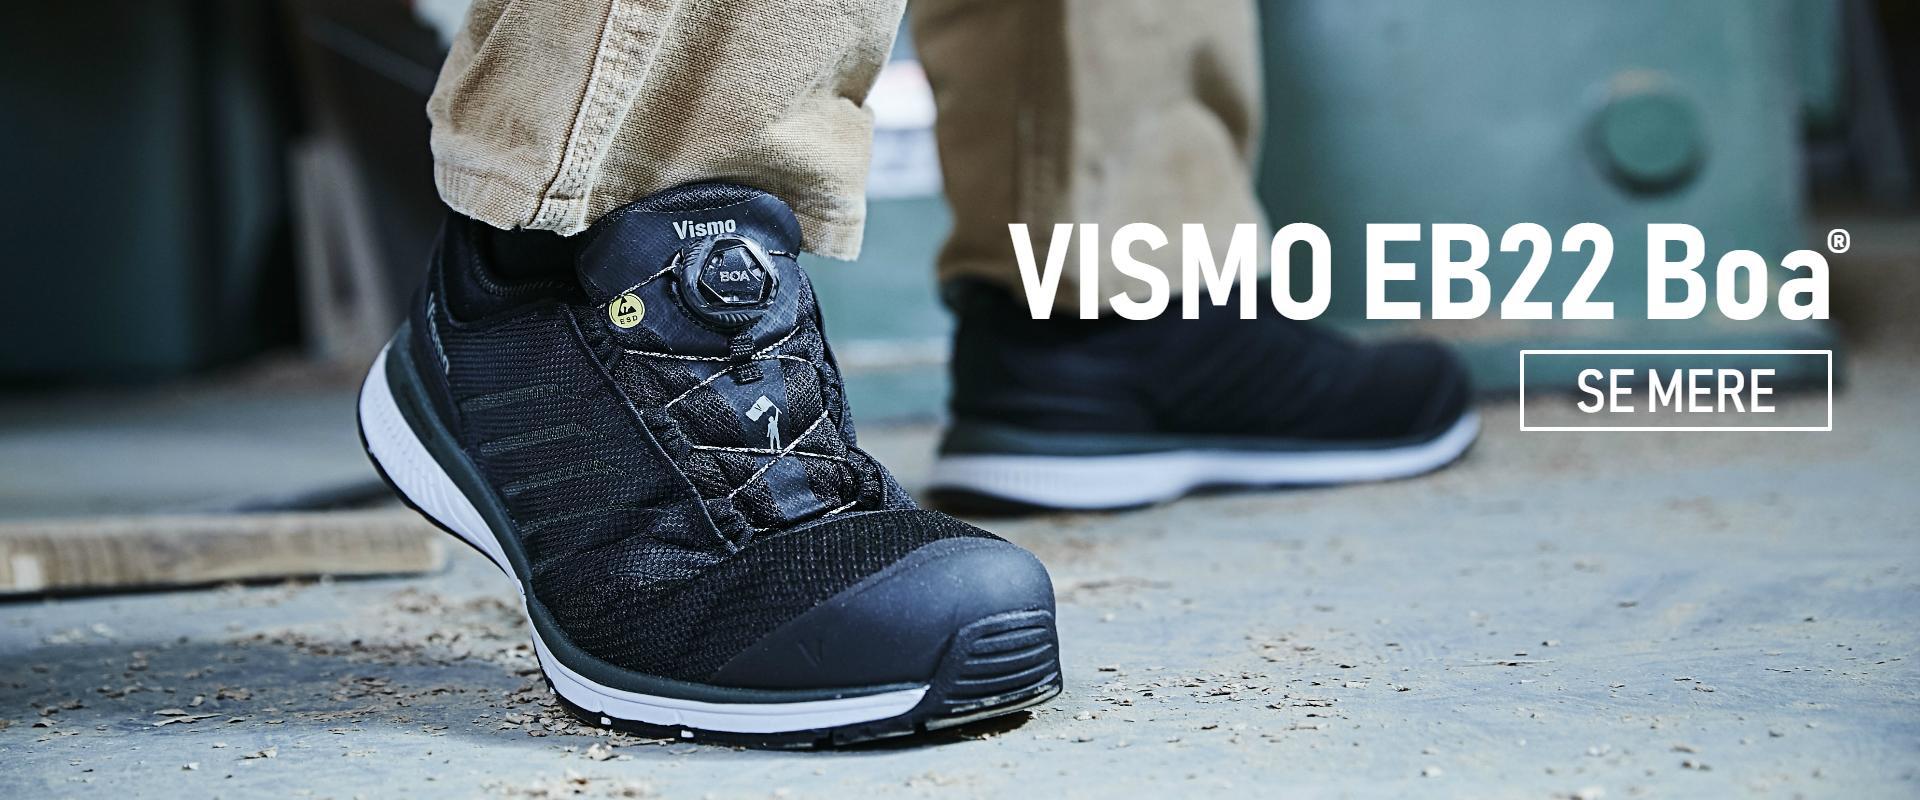 VISMO EB22 Sikkerhedsko